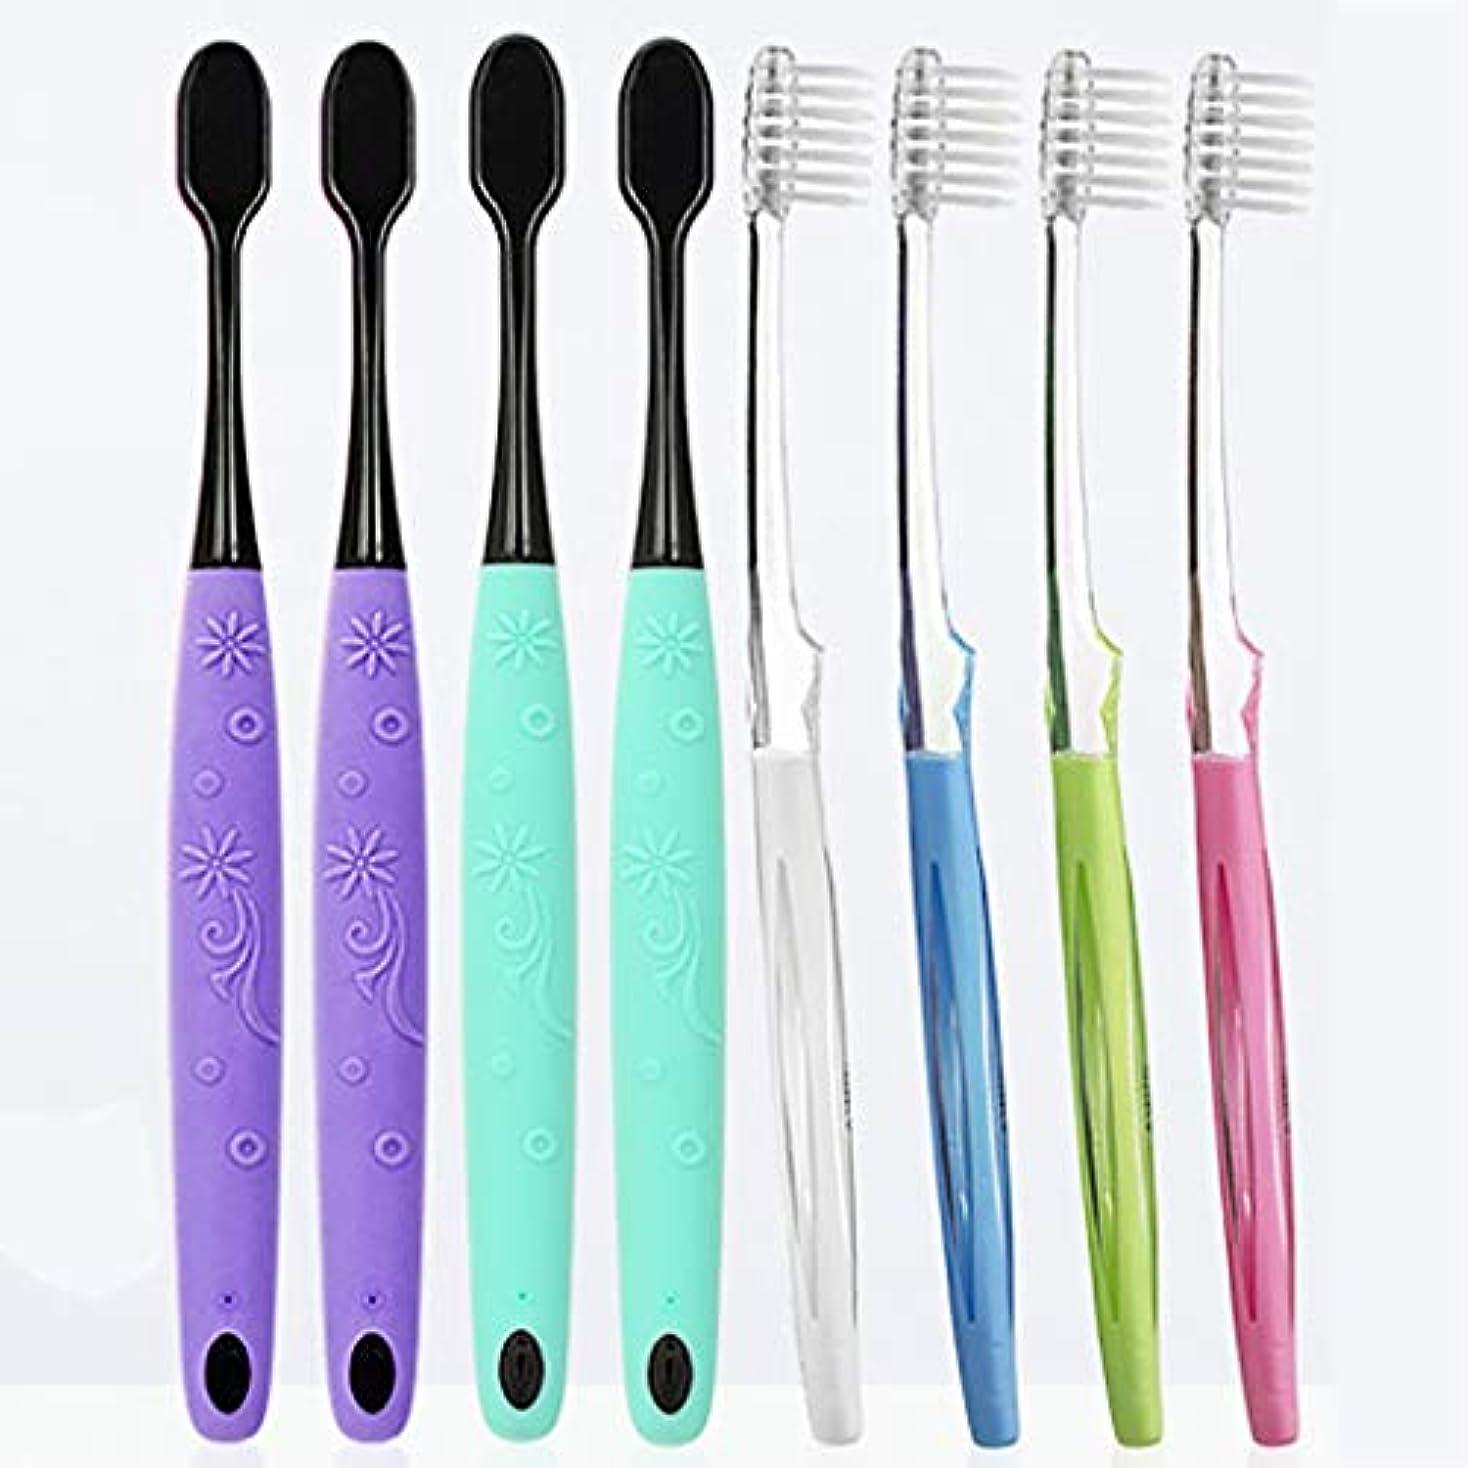 ヘルシー提供するパプアニューギニア大人歯ブラシ、柔軟なブラシヘッド、看護ガム用歯ブラシ、8パック(ランダムカラー)